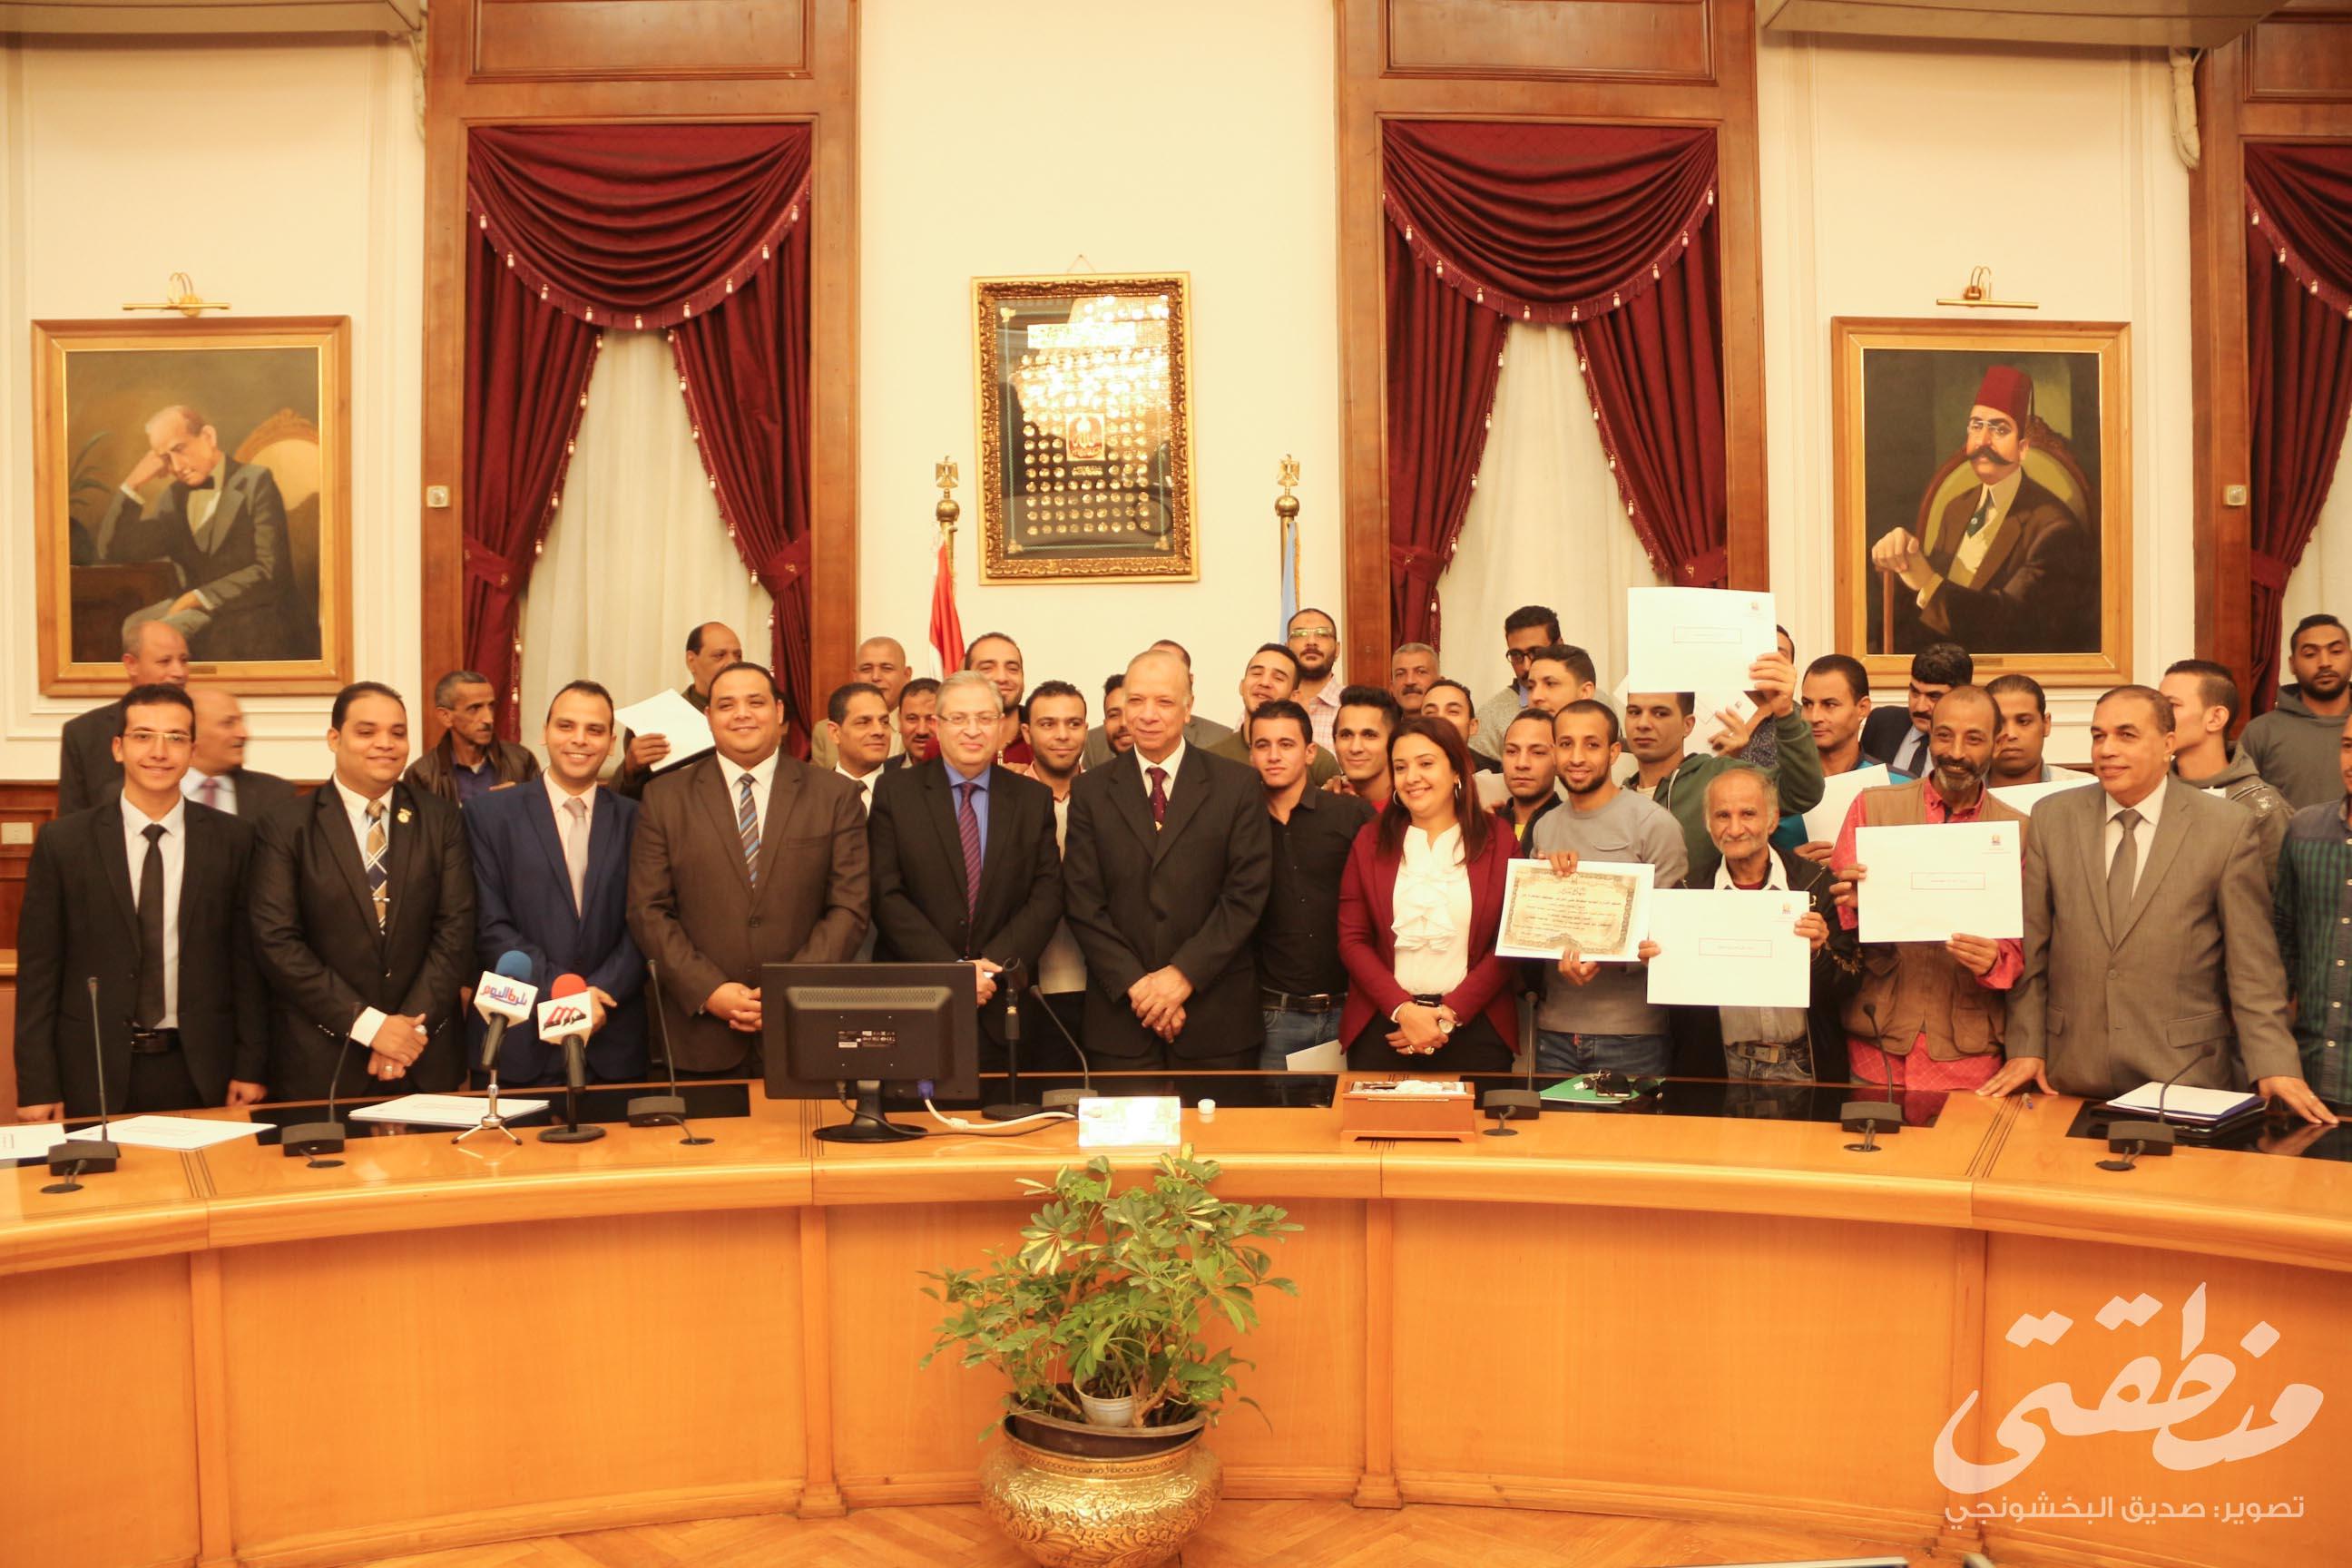 بحضور الدكتورة ريهام عرام رئيس لجنة الحفاظ على التراث، ومحافظ القاهرة، والدكتور حسام الرفاعي عميد كلية سياحة وفنادق جامعة حلوان.